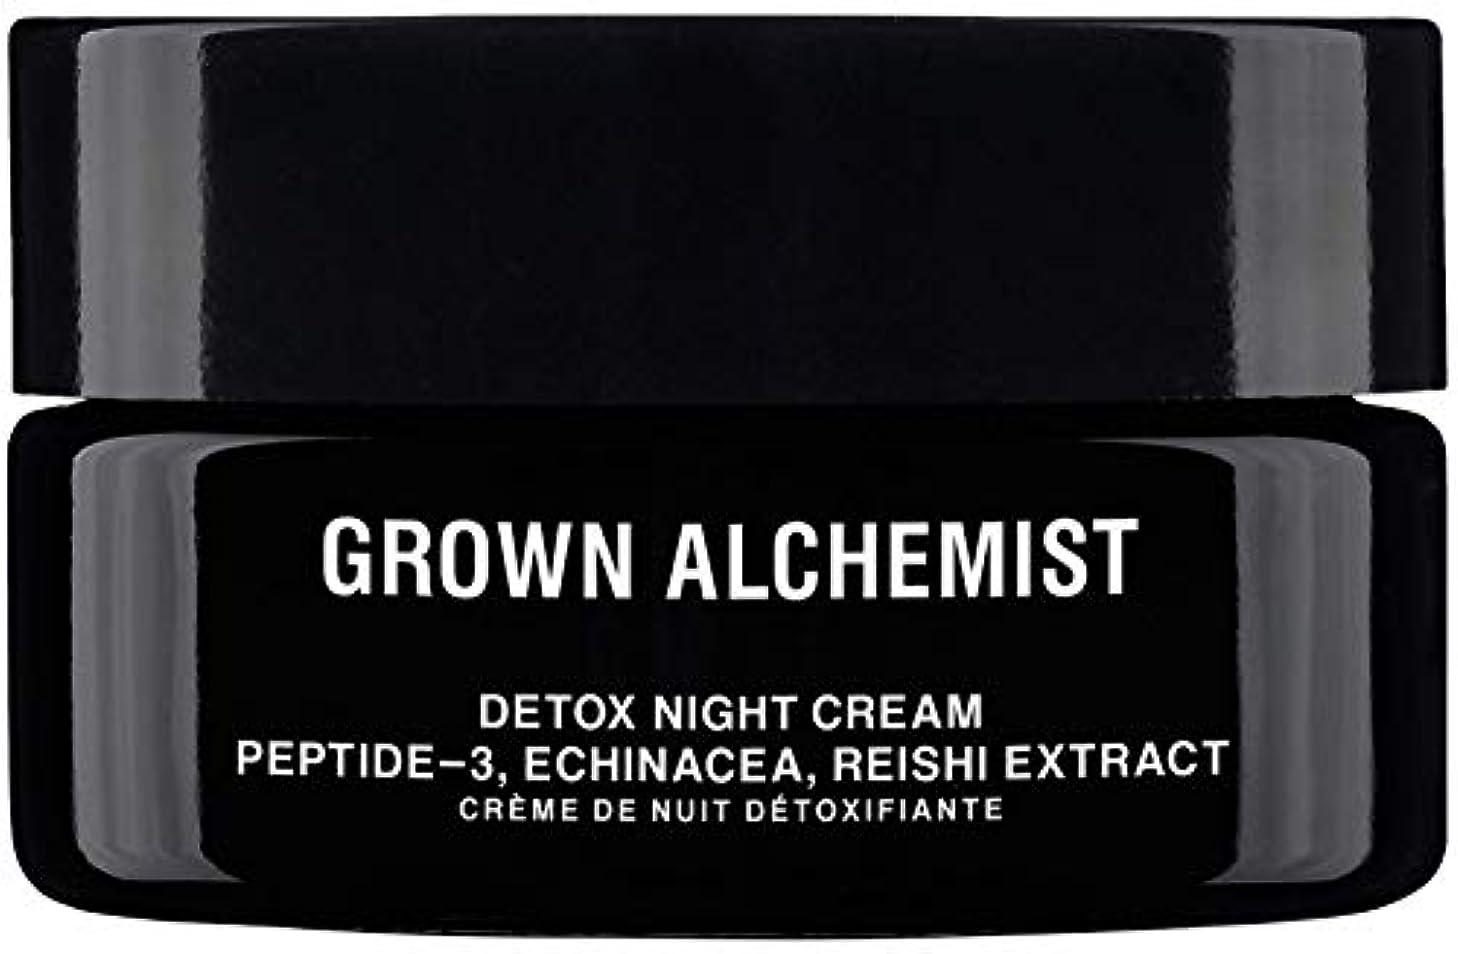 ネスト爆発破壊Grown Alchemist Detox Night Cream - Peptide-3, Echinacea & Reishi Extract 40ml/1.35oz並行輸入品